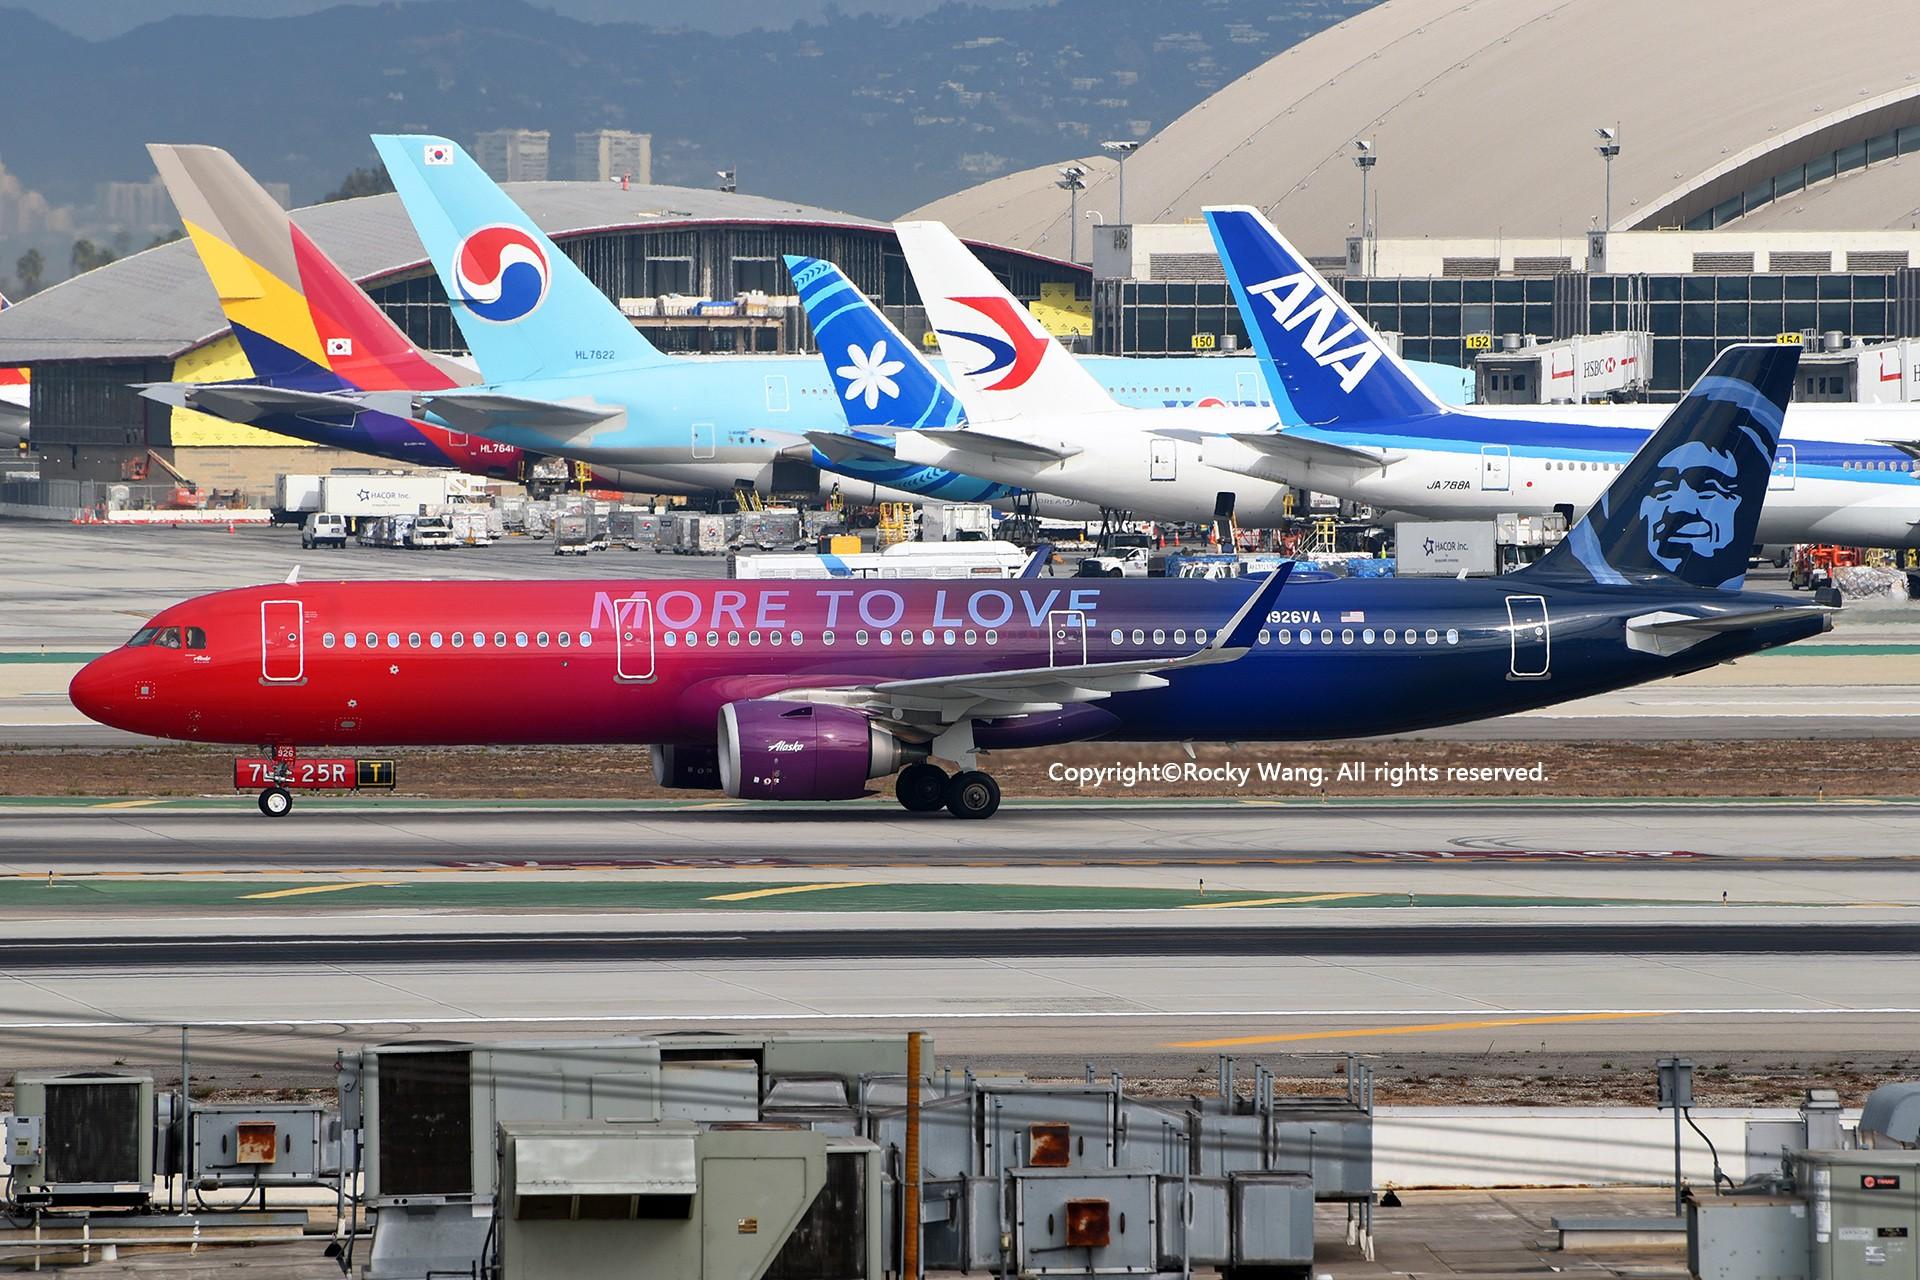 Re:[原创]彩绘圣地-附加彩蛋 AIRBUS A321-253N N926VA Los Angeles Int'l Airport